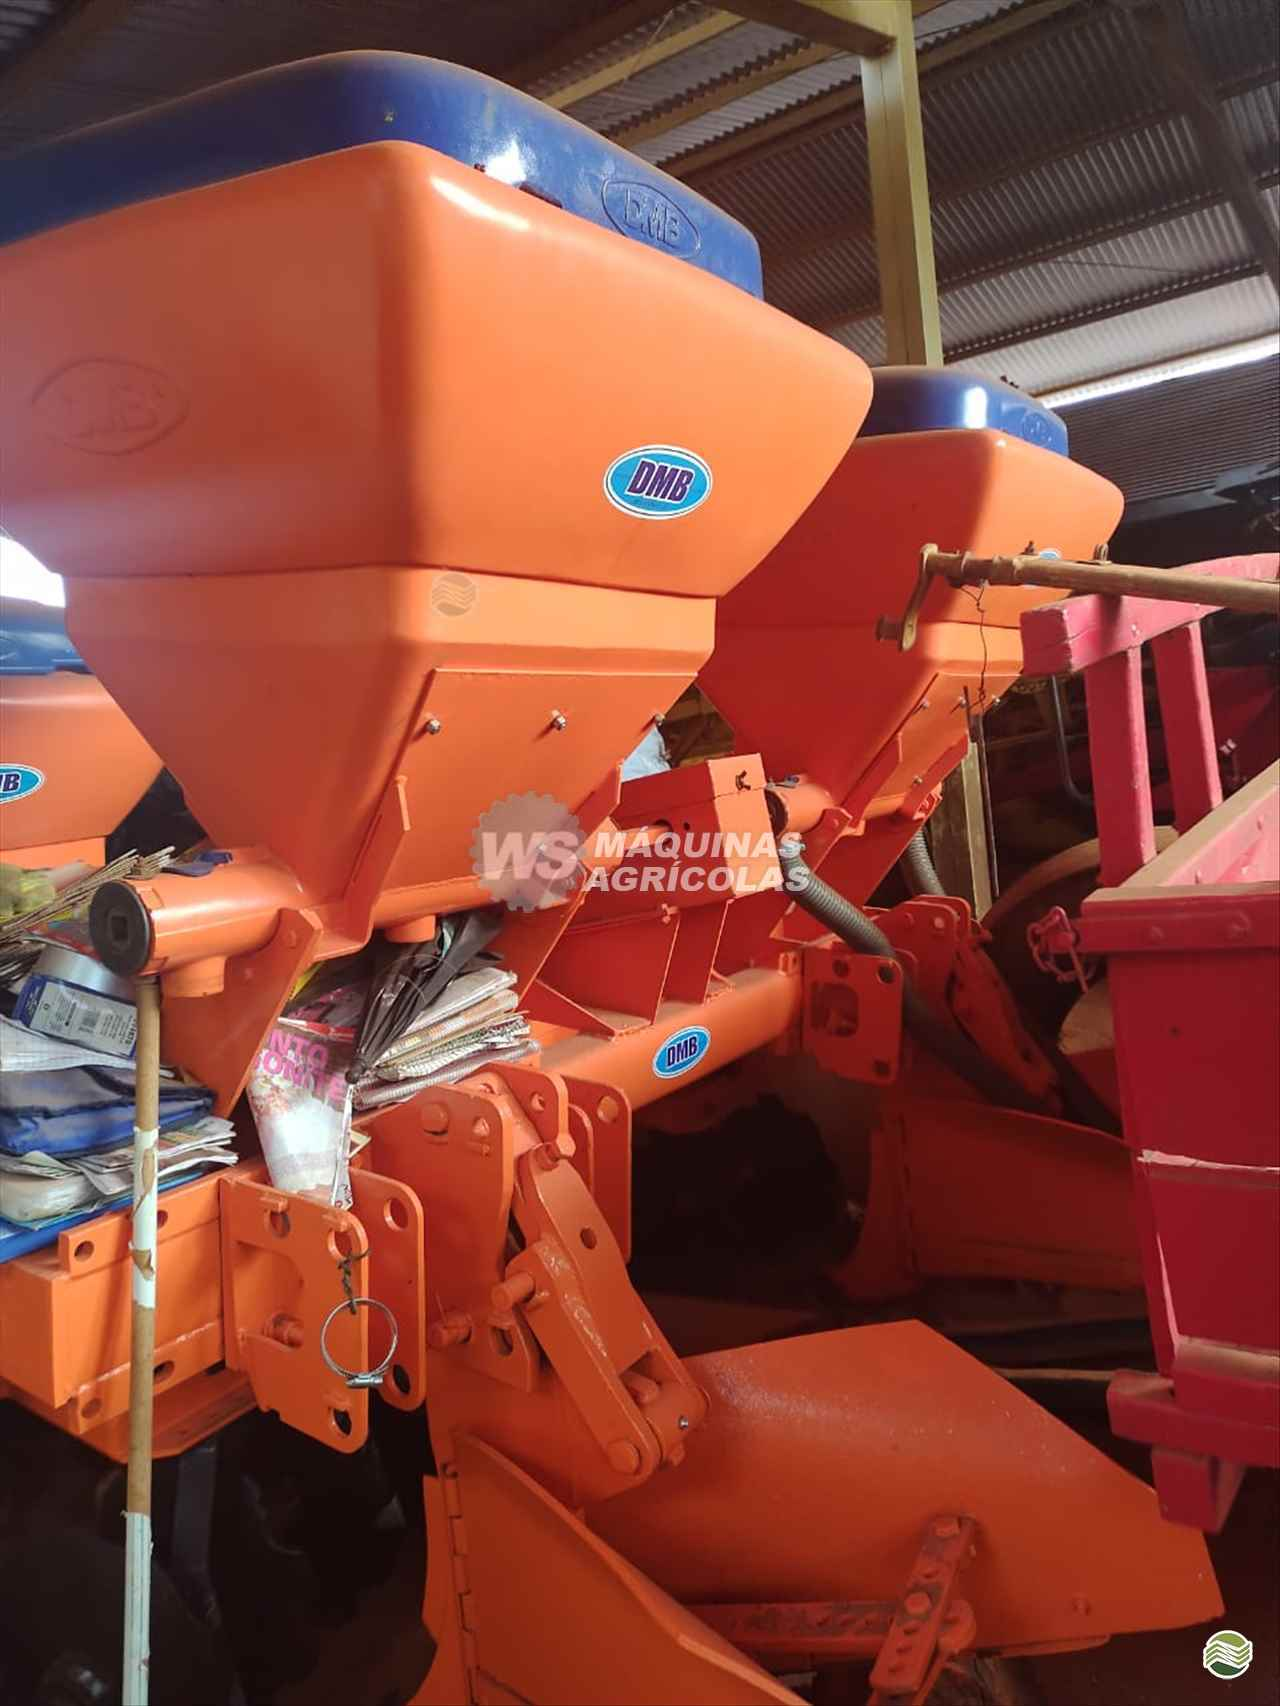 IMPLEMENTOS AGRICOLAS SULCADOR 2 LINHAS ADUBADOR WS Máquinas Agrícolas SERTAOZINHO SÃO PAULO SP